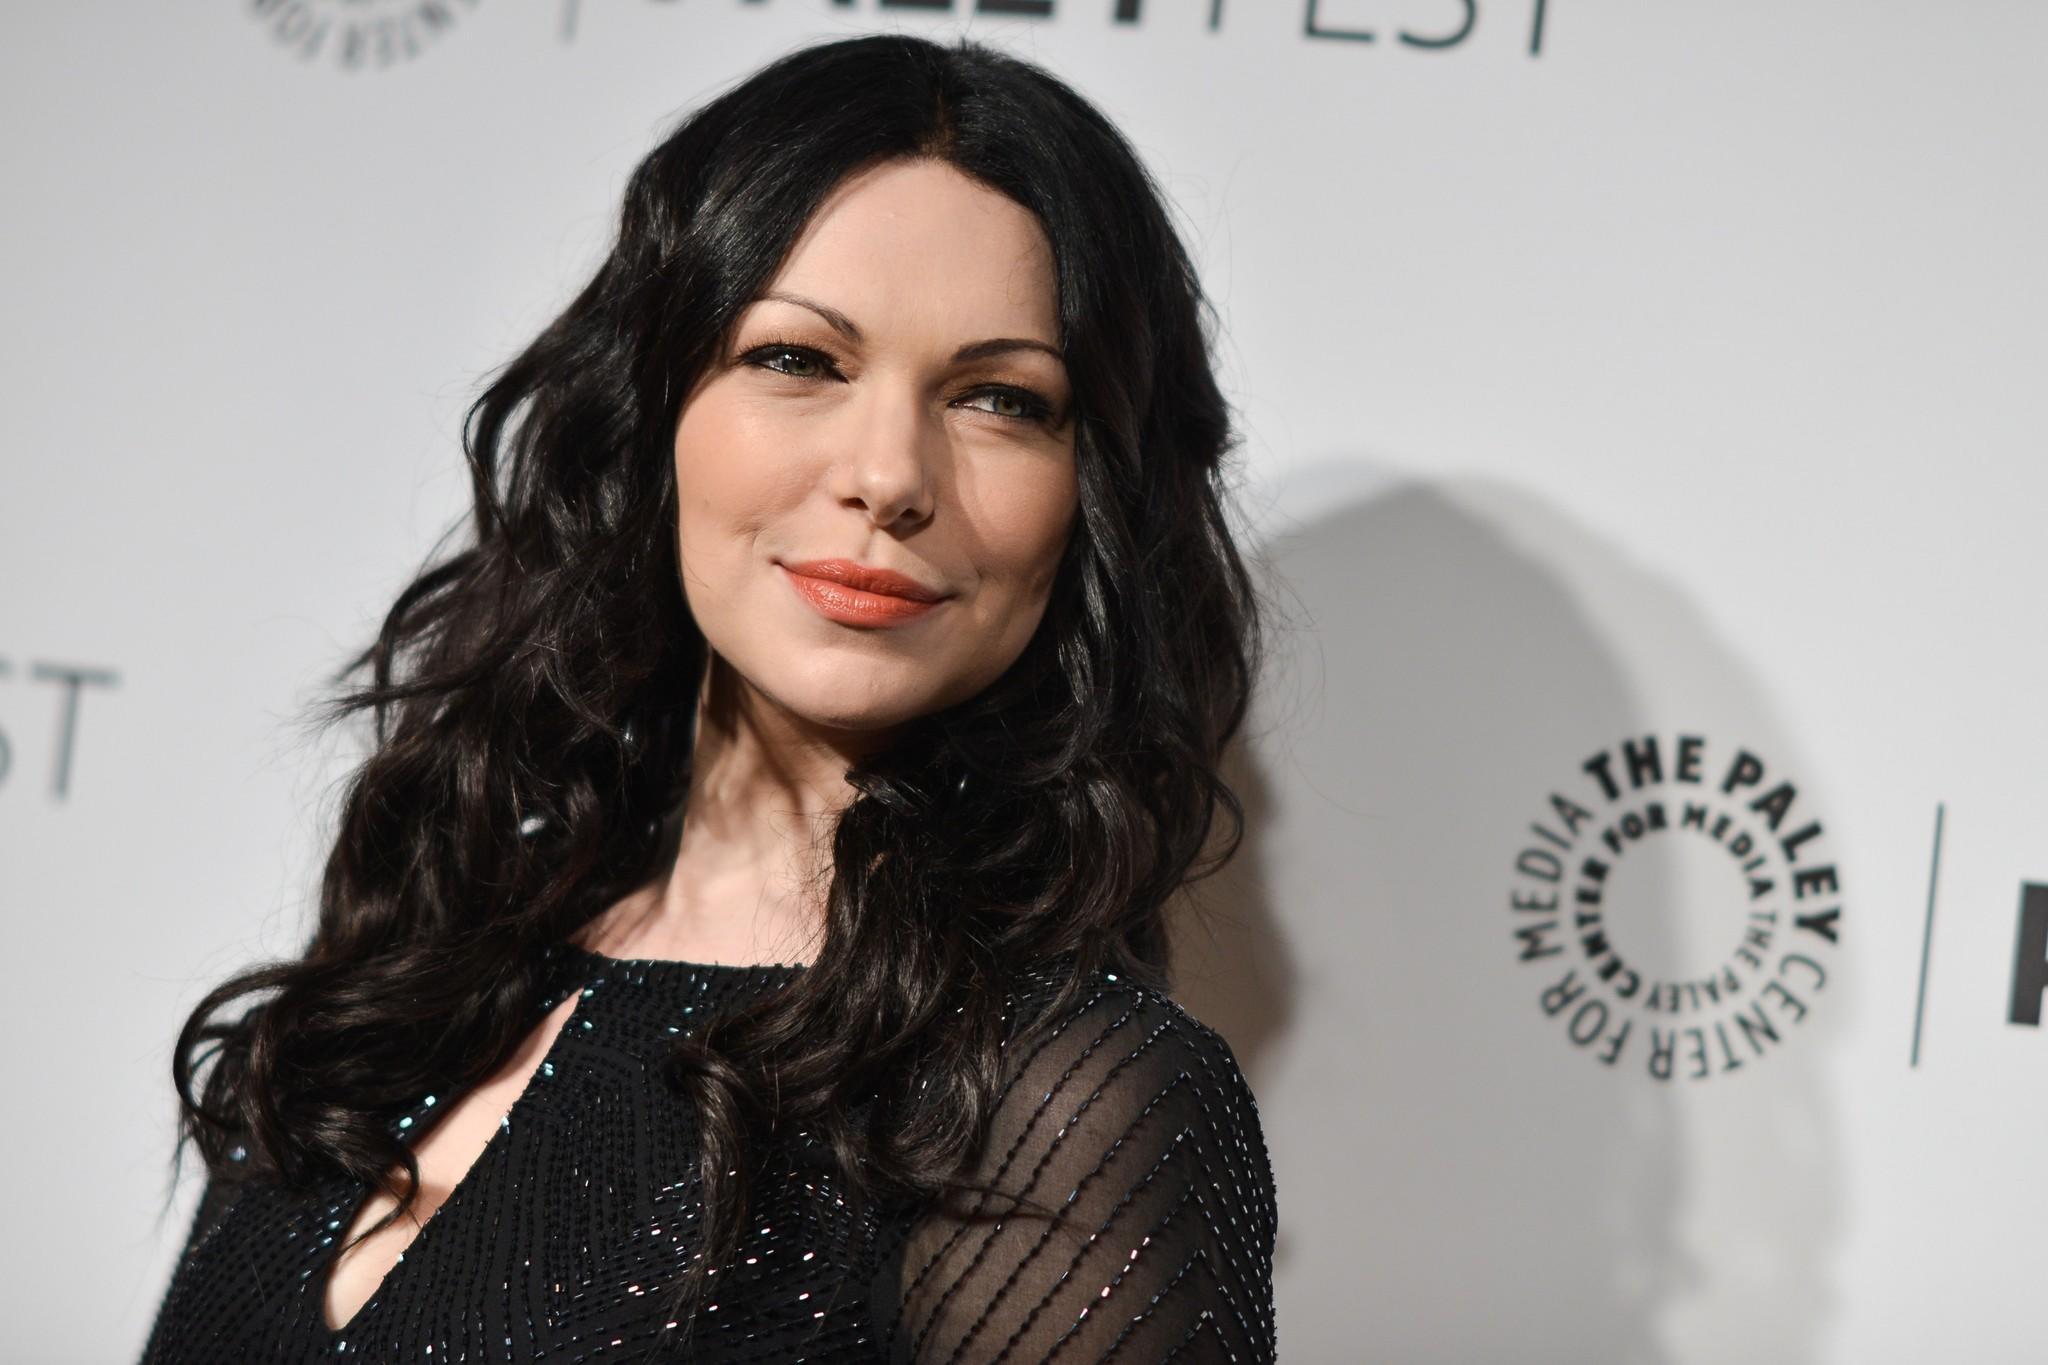 Laura Prepon shuts down Tom Cruise dating rumors.